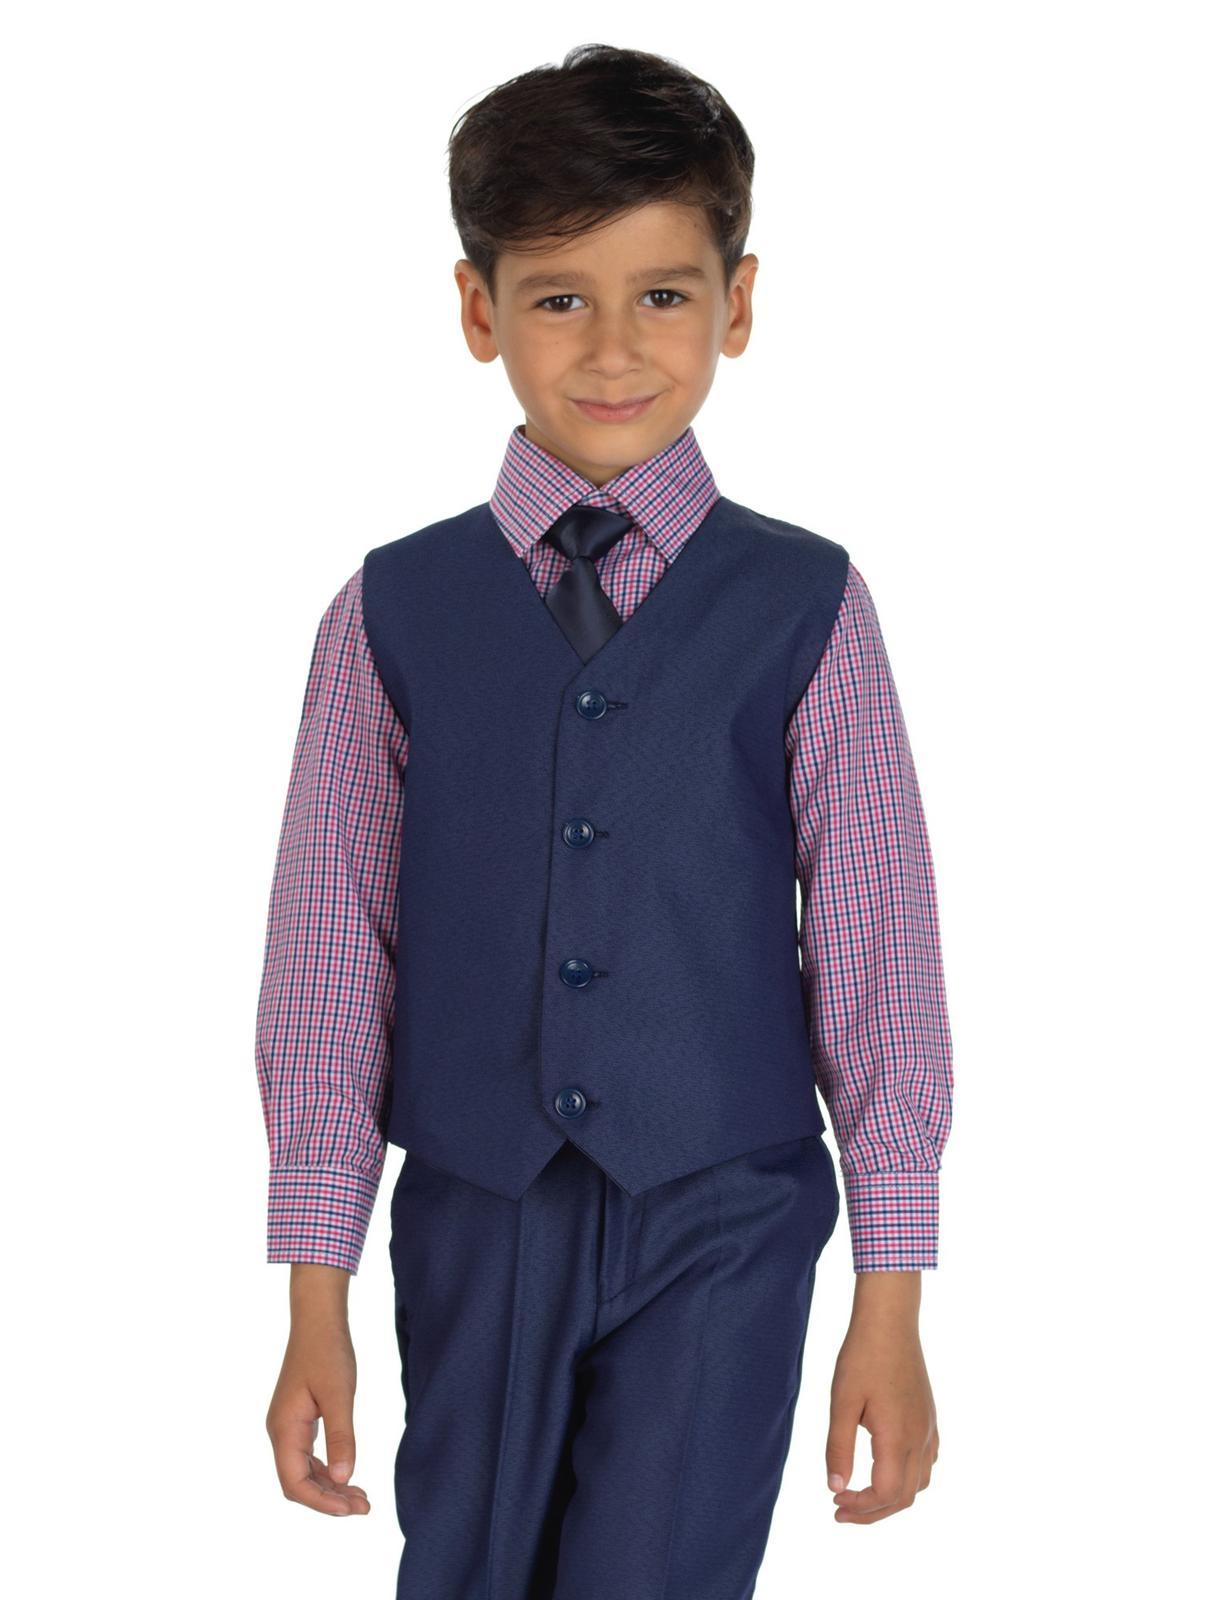 AKCE - tmavě modrý oblek, k prodeji, k půjčení - Obrázek č. 1